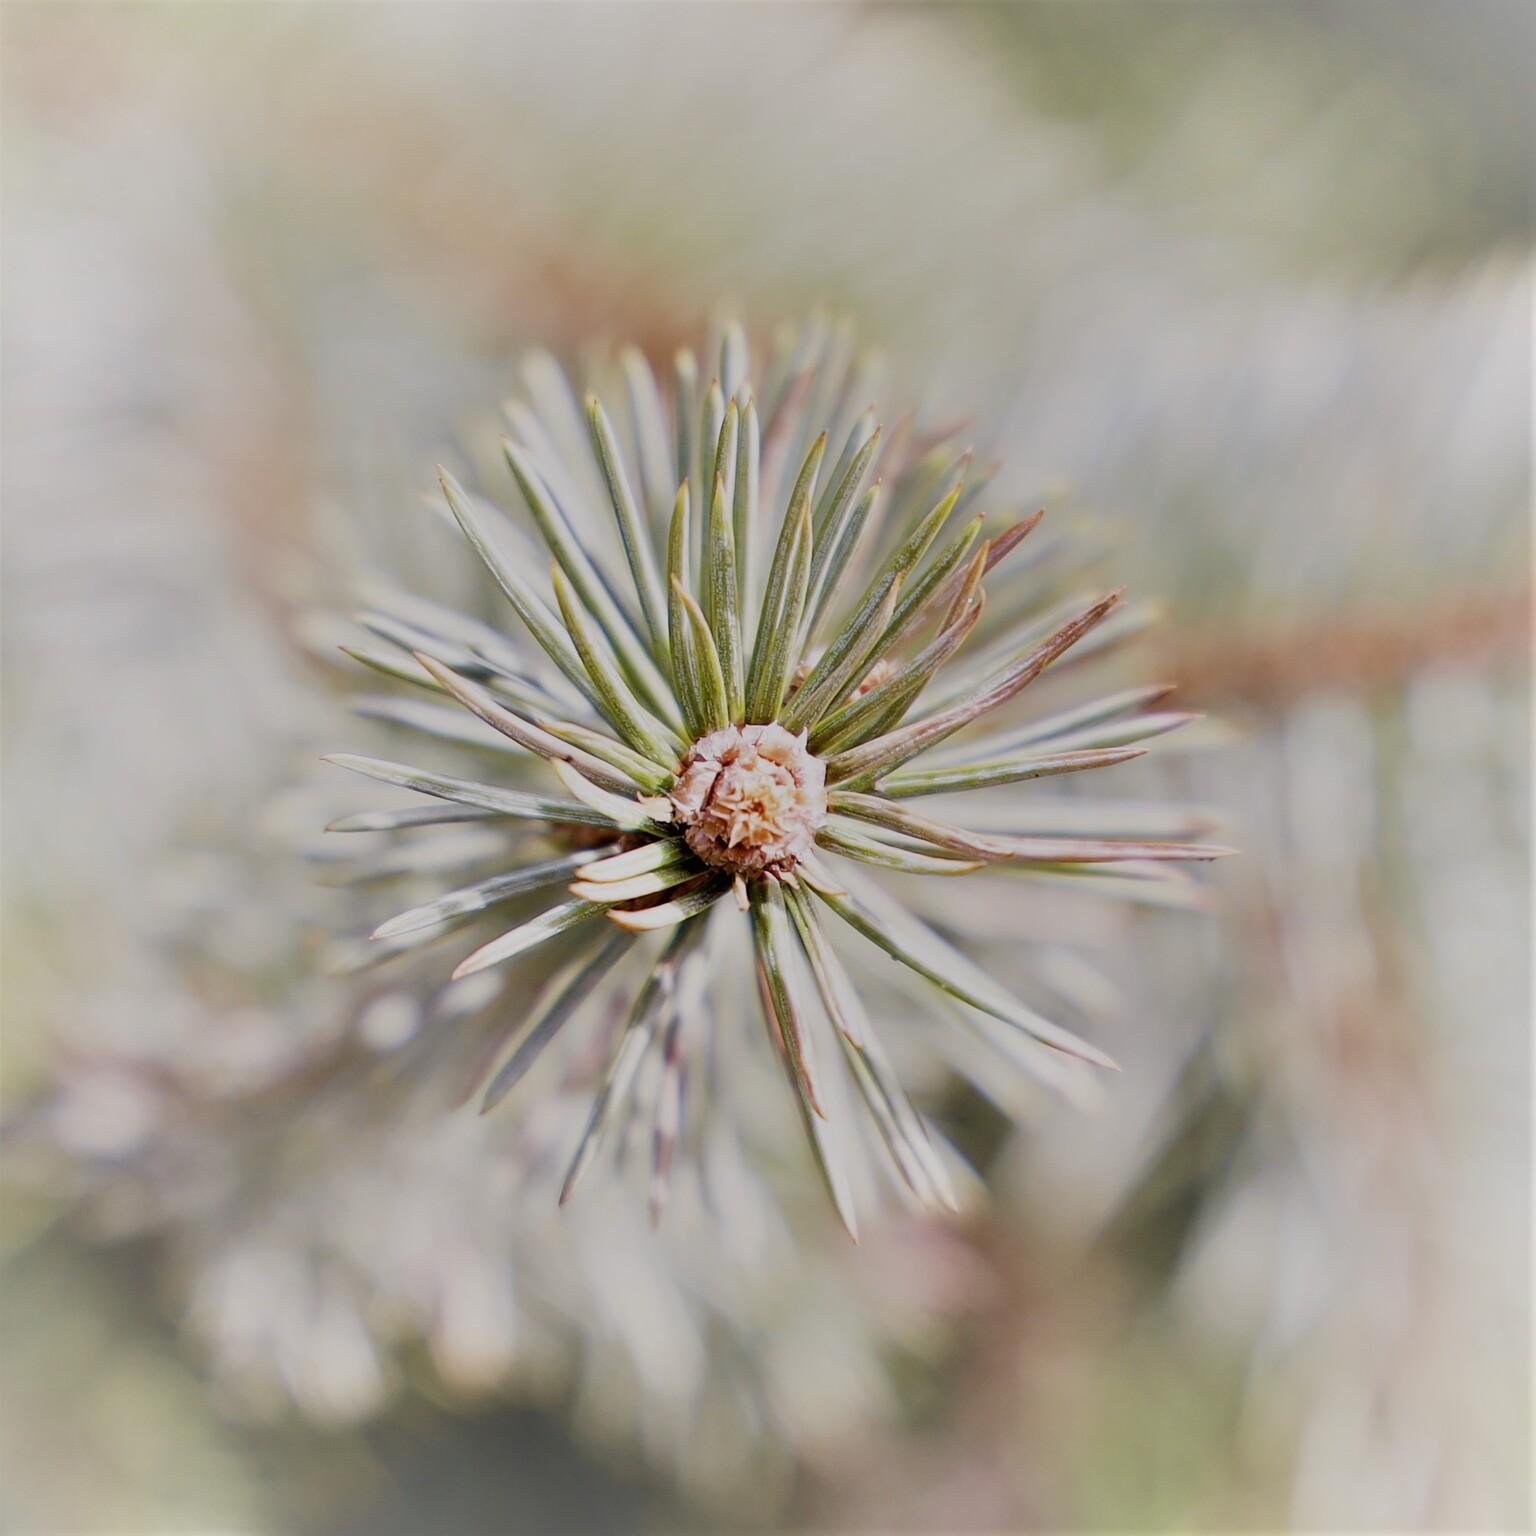 Dennentop - Lekker in het zonnetje - foto door MarideKort op 13-04-2021 - deze foto bevat: bloem, fabriek, lariks, terrestrische plant, takje, groenblijvend, shortstraw grenen, boom, bloeiende plant, gras